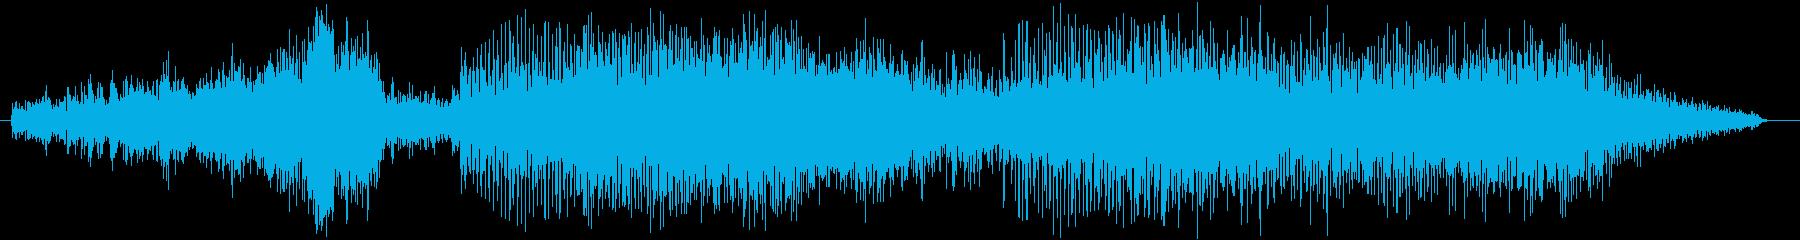 ブーン・・ブロロロ【車の走行音】の再生済みの波形